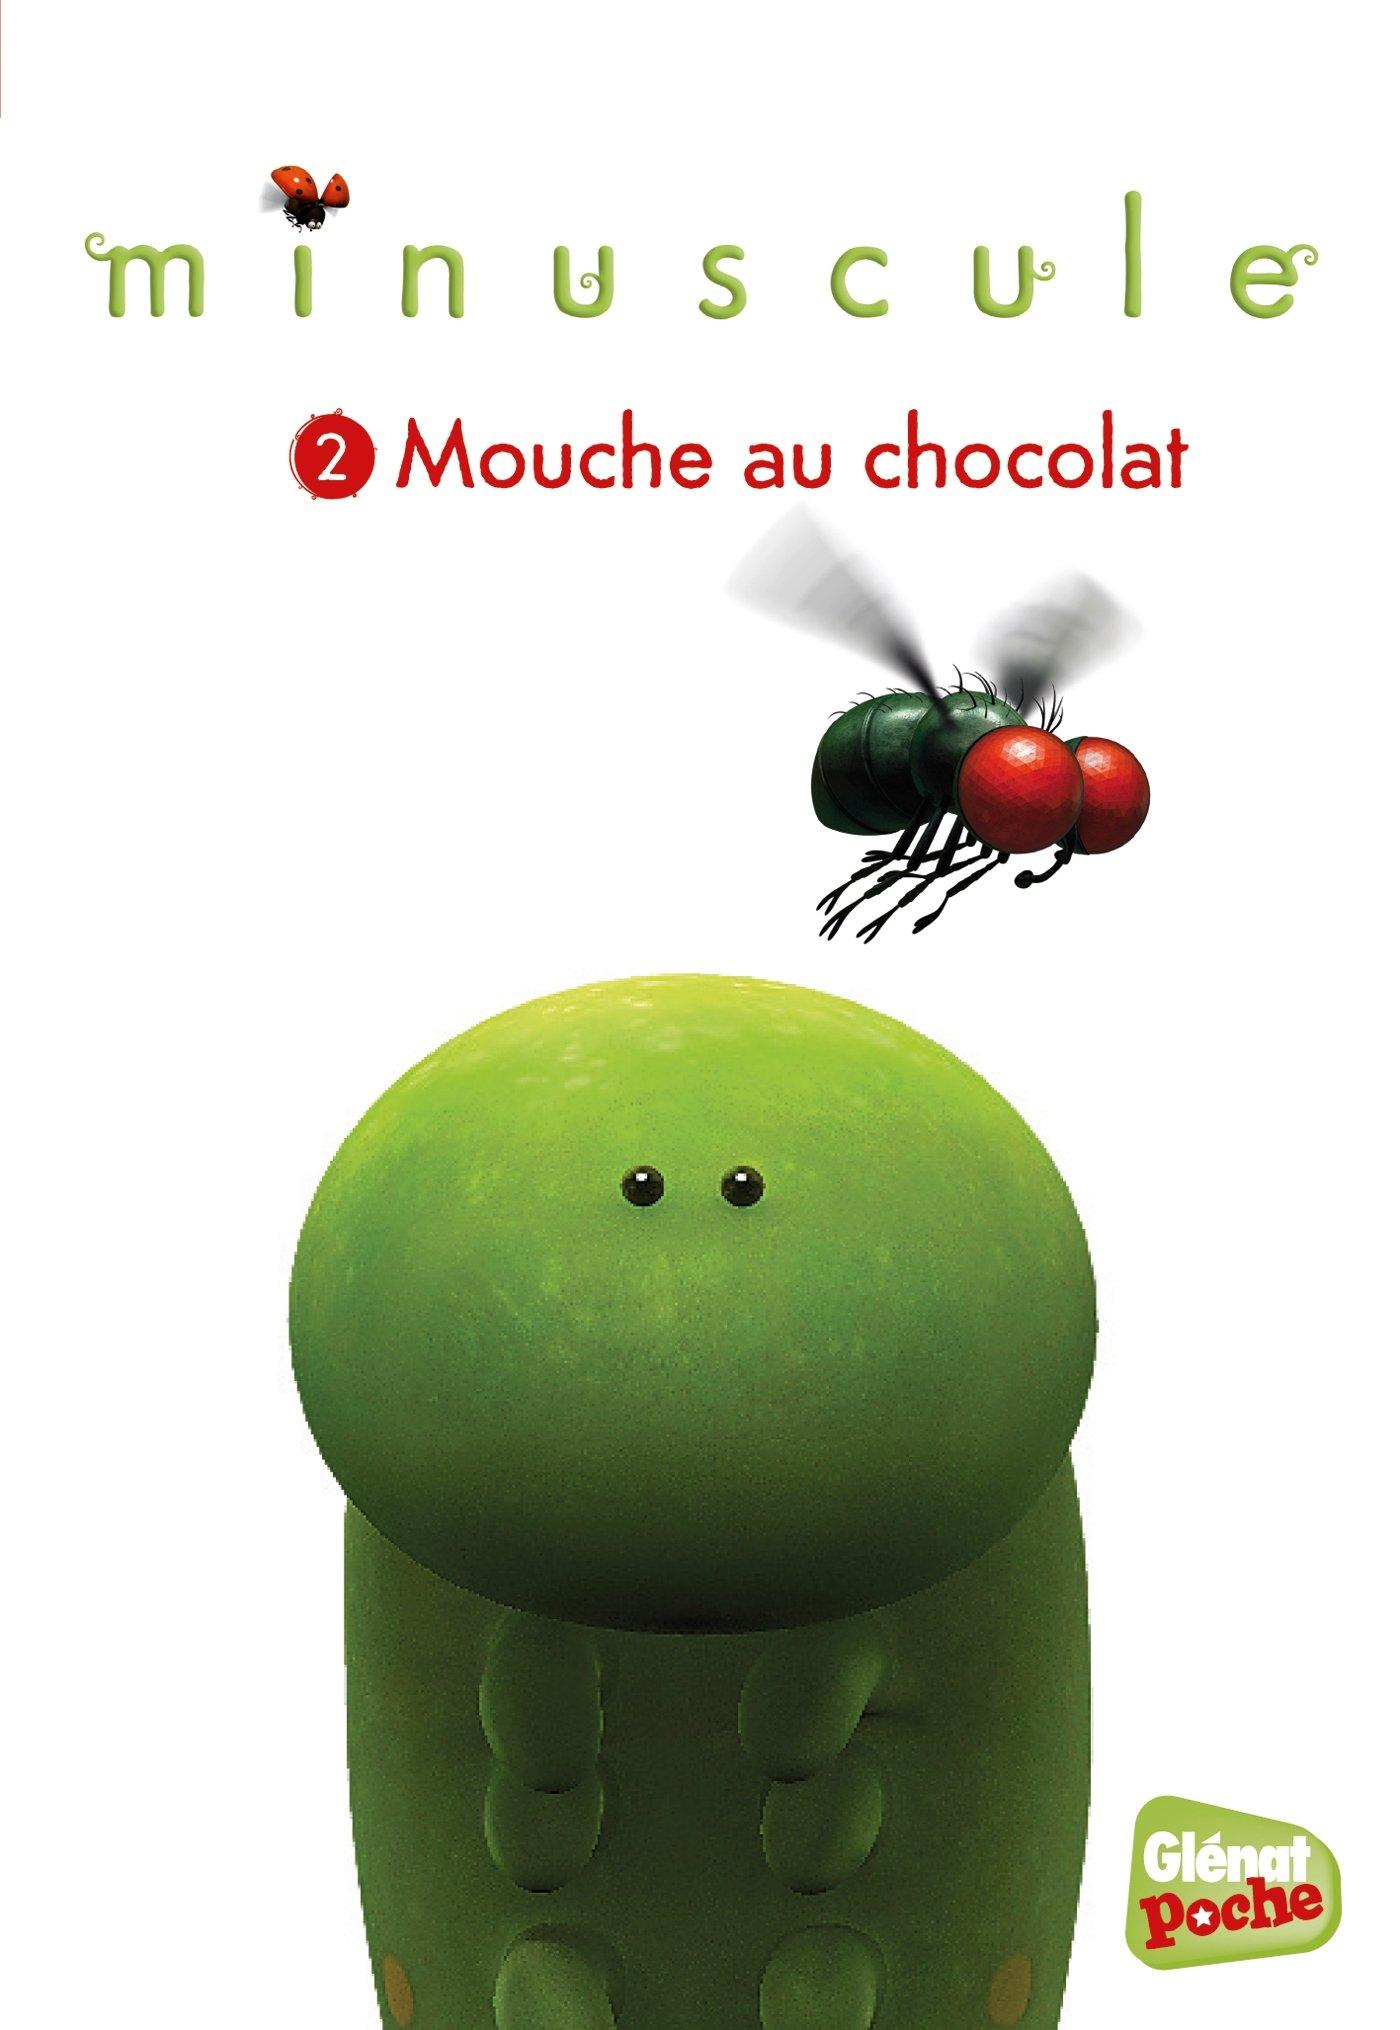 Glace Salle De Bain Conforama ~ Amazon Fr Minuscule Poche Tome 02 Mouche Au Chocolat